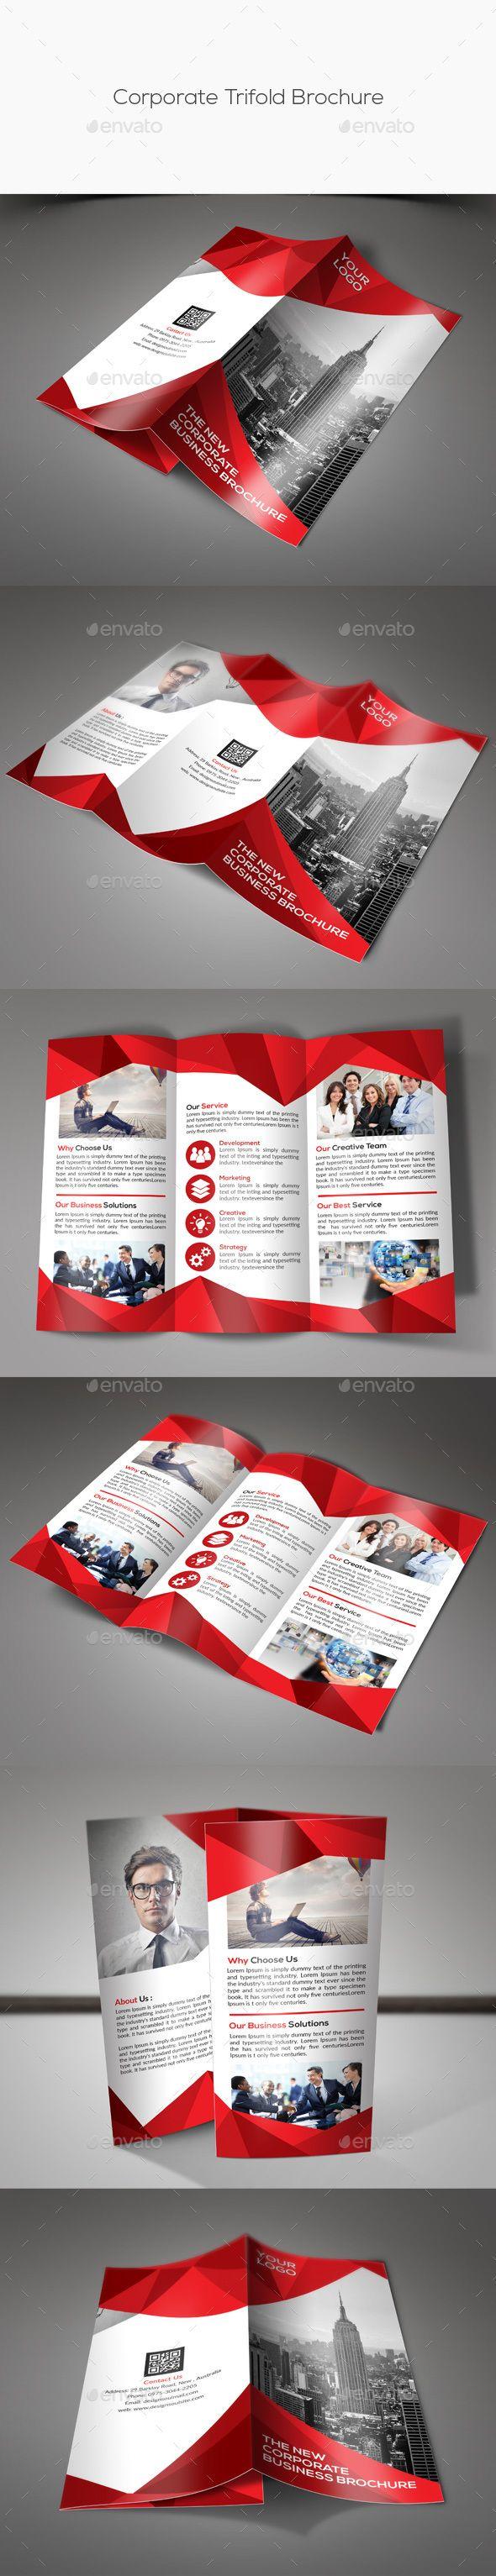 56 besten Corporate Poster designs Bilder auf Pinterest ...